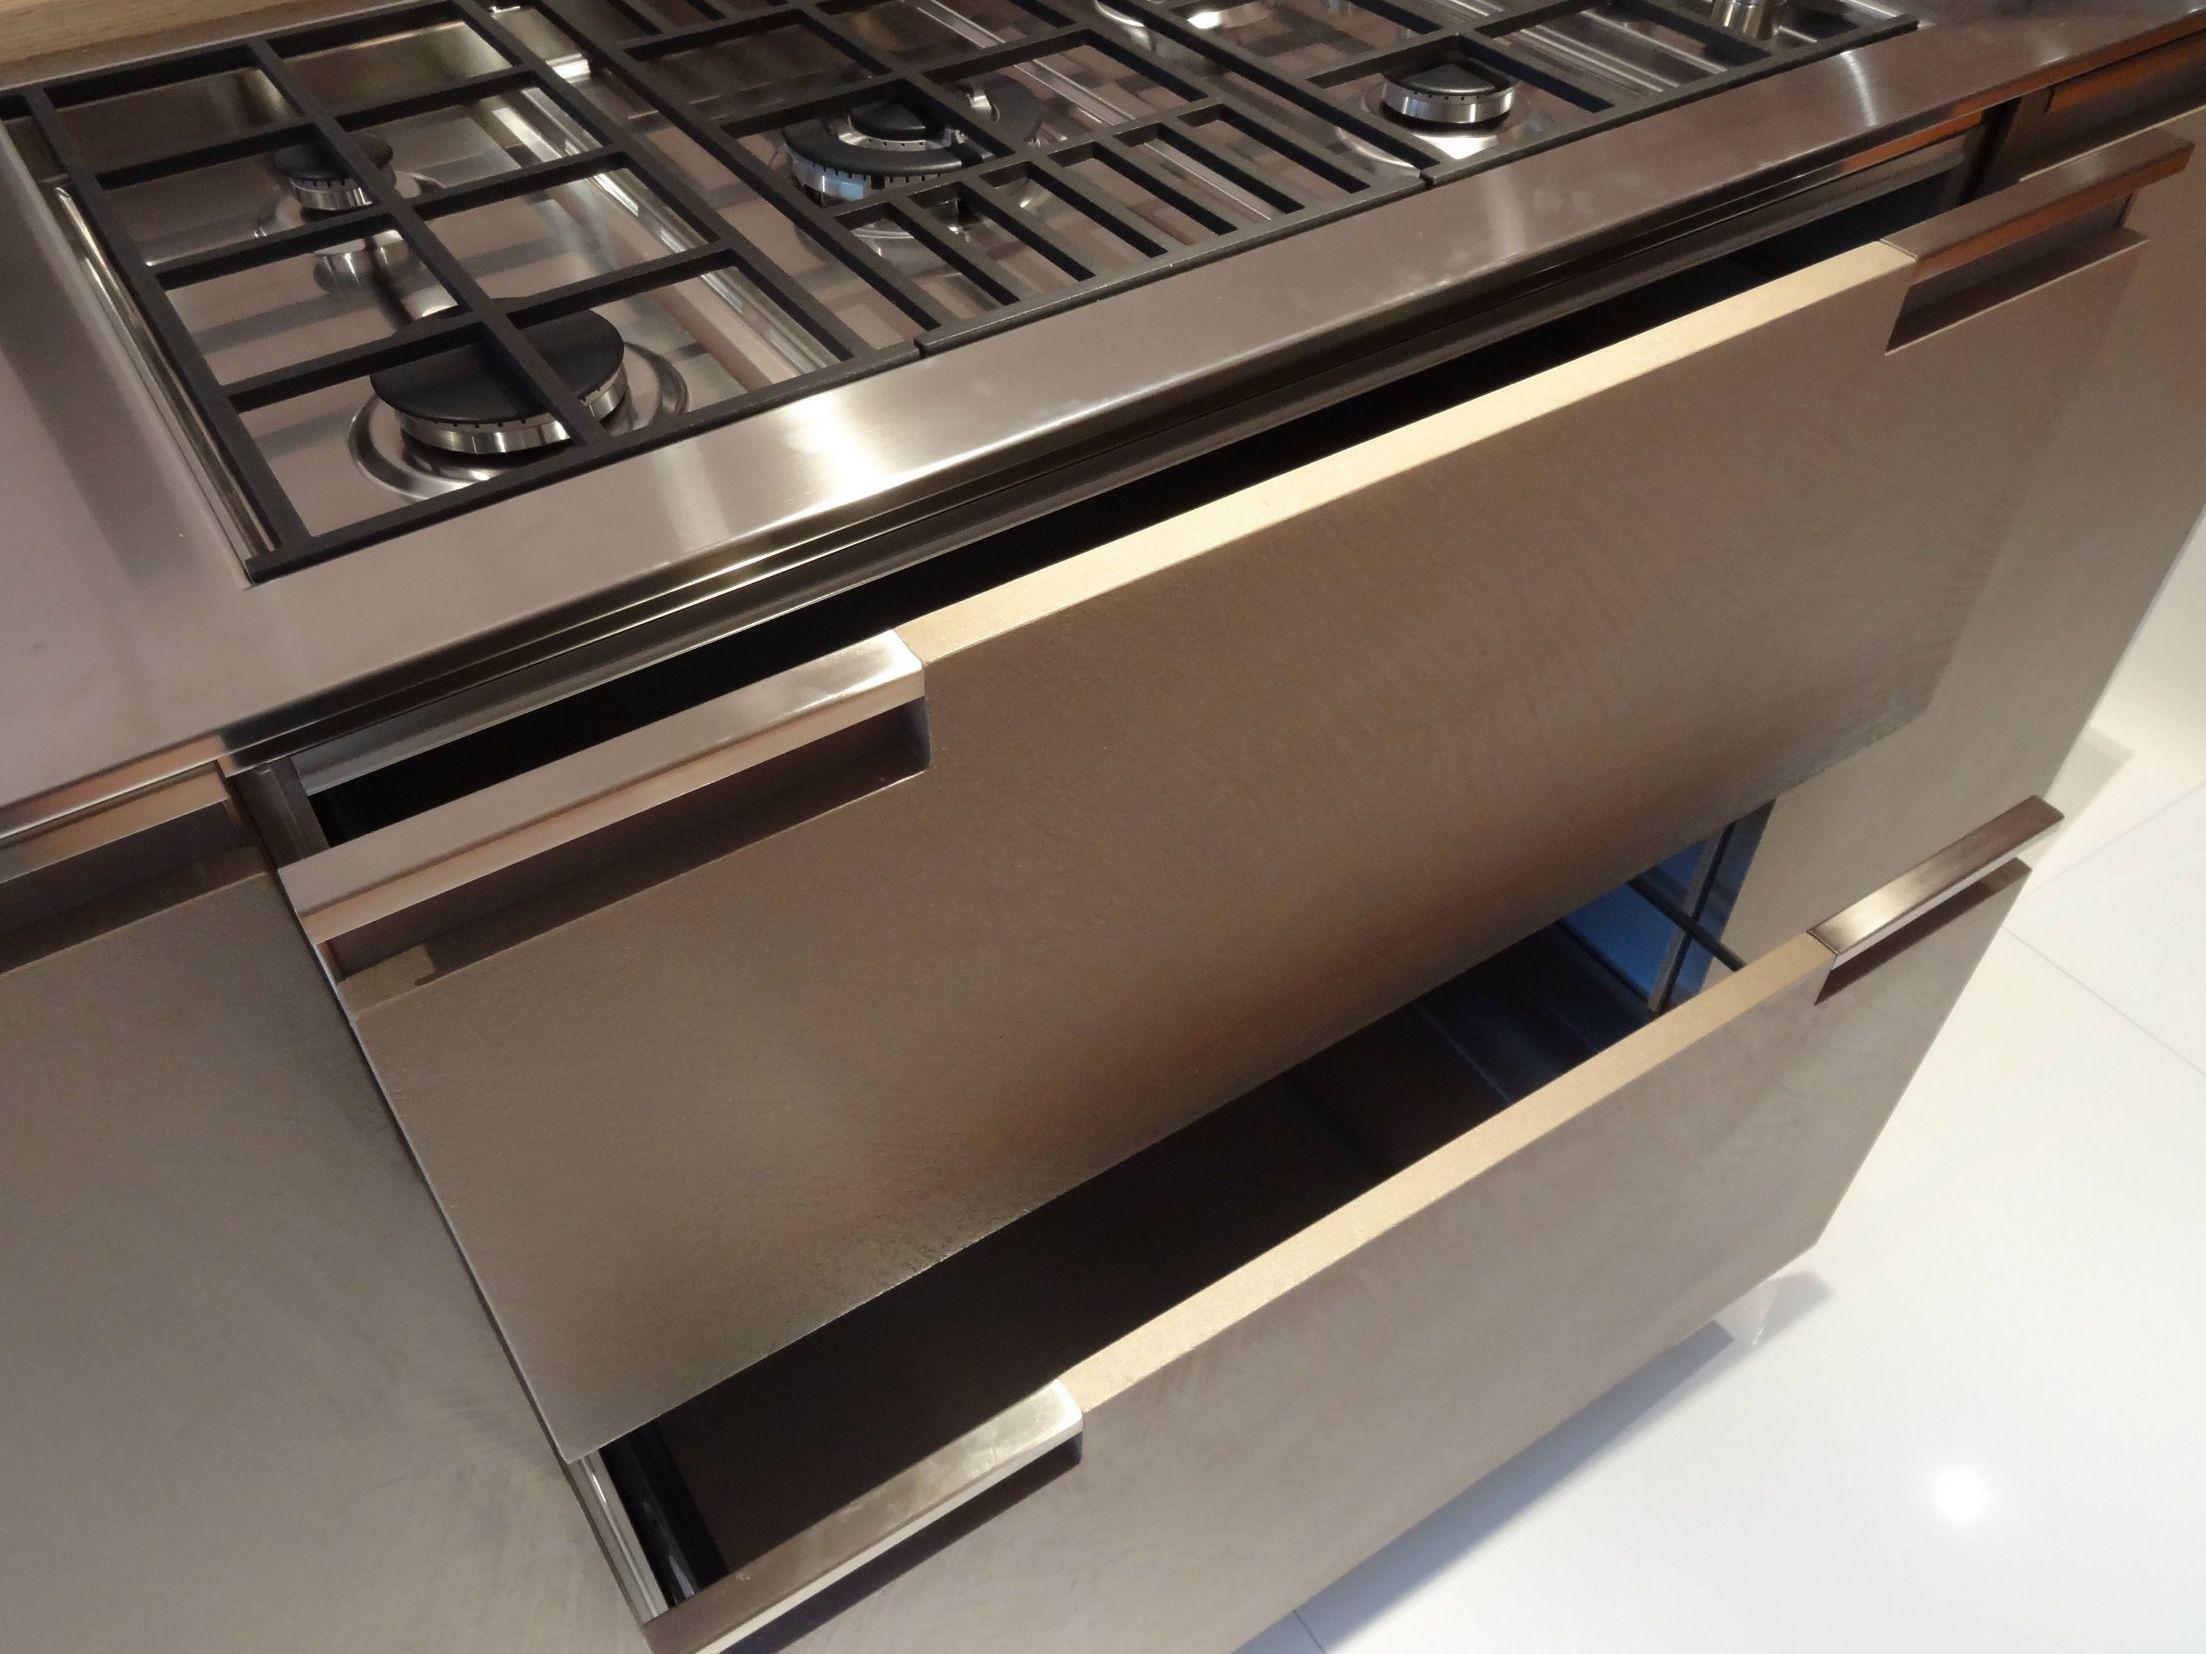 NOBLESSE Cucina In MDF By Aster Cucine Design Lorenzo Granocchia #273C5D 2206 1654 Ante Cucina Disegnate